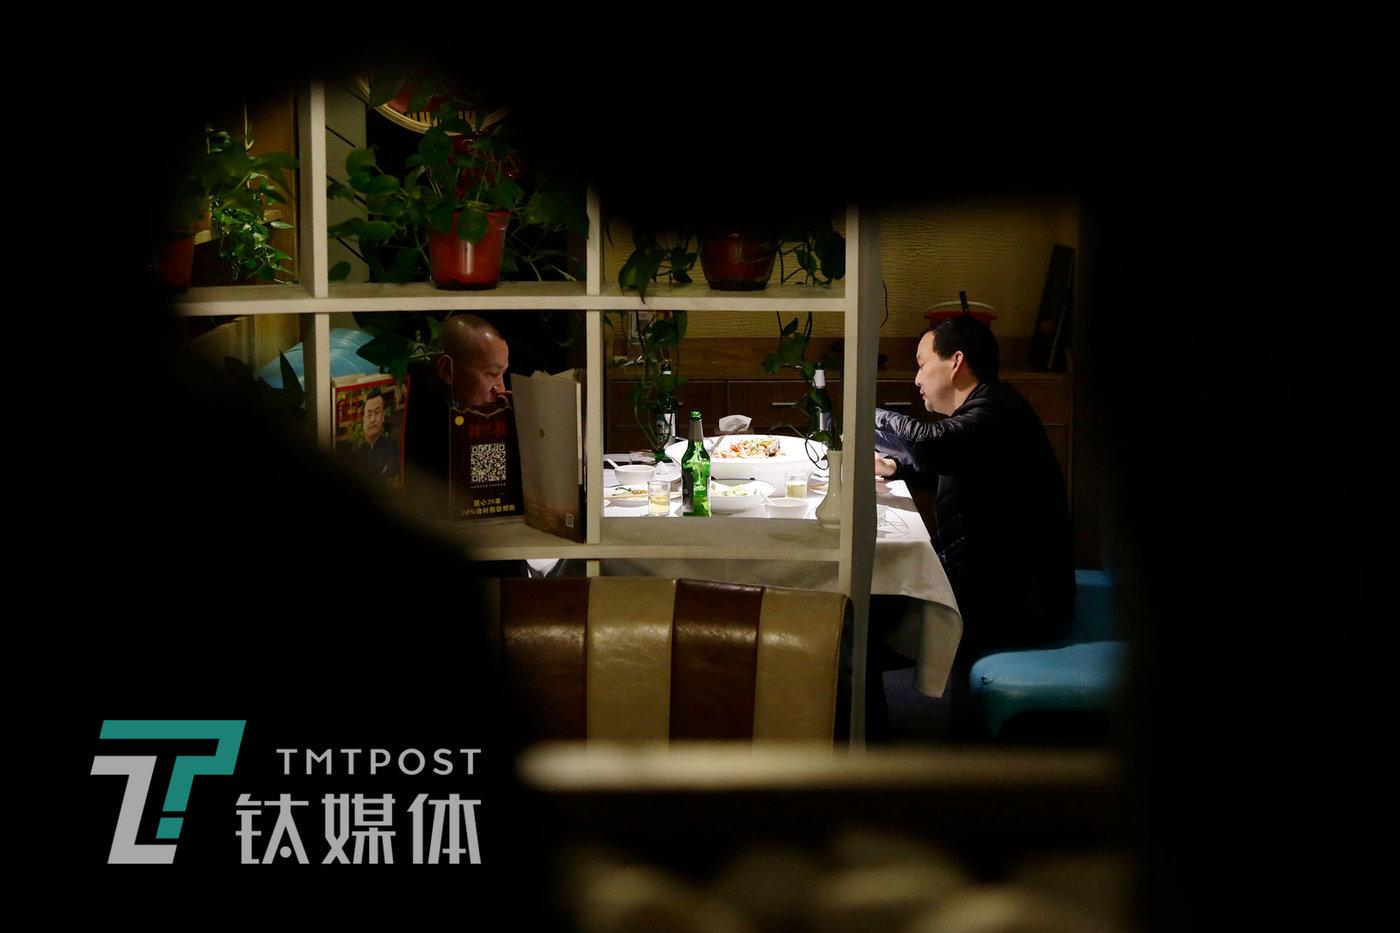 4月2日18:52,北京,在湘悦楼堂食的顾客。